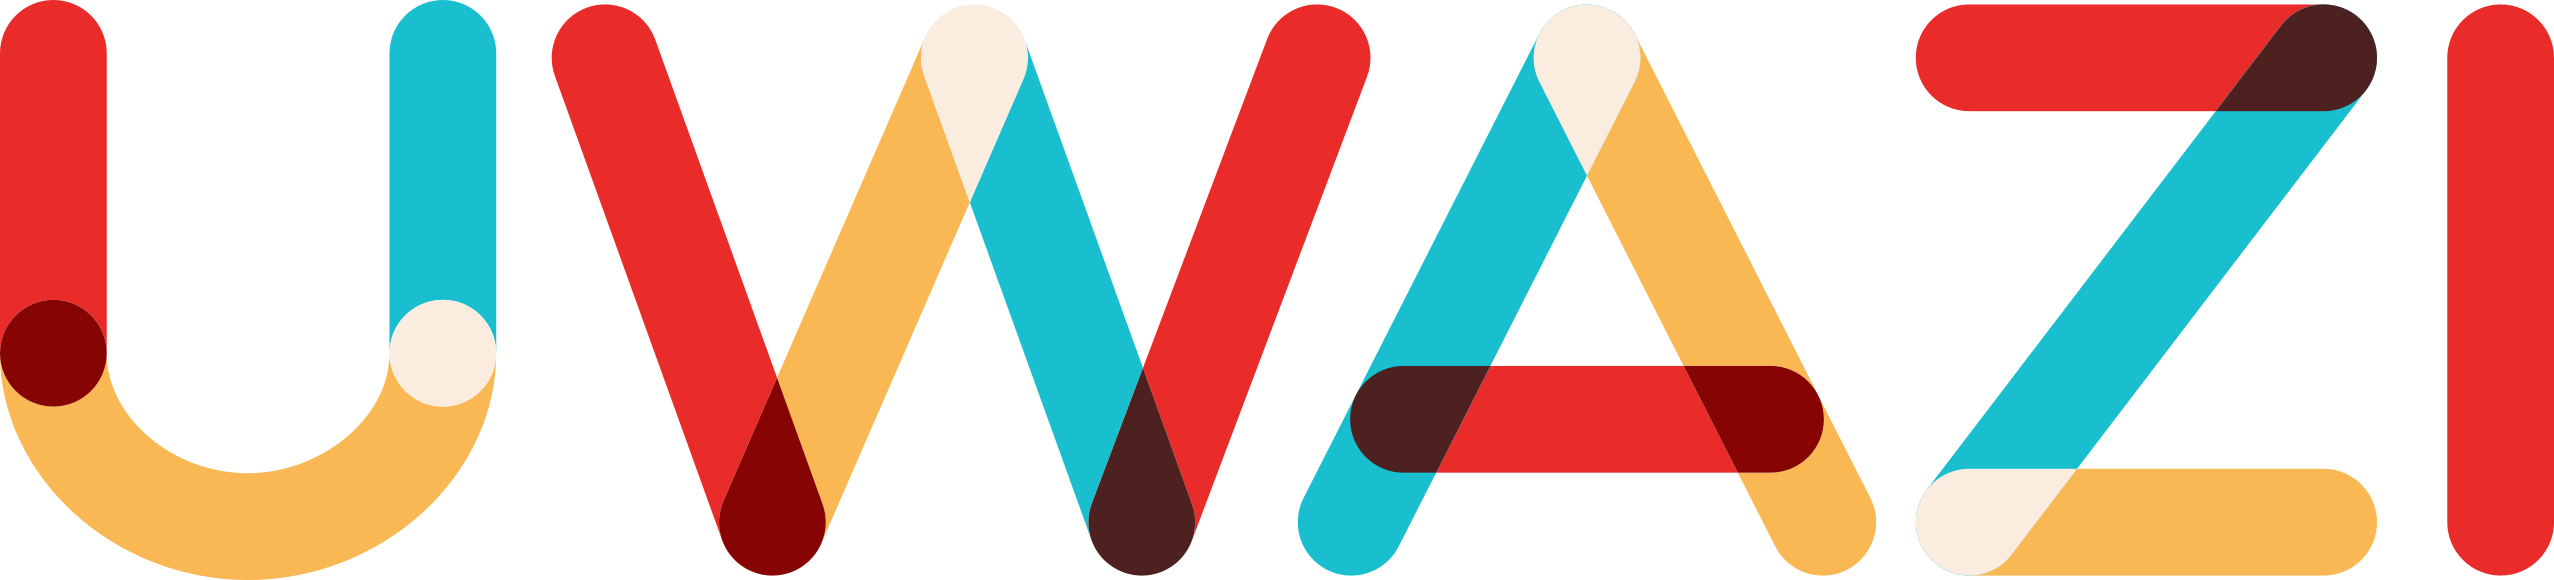 uwazi logo